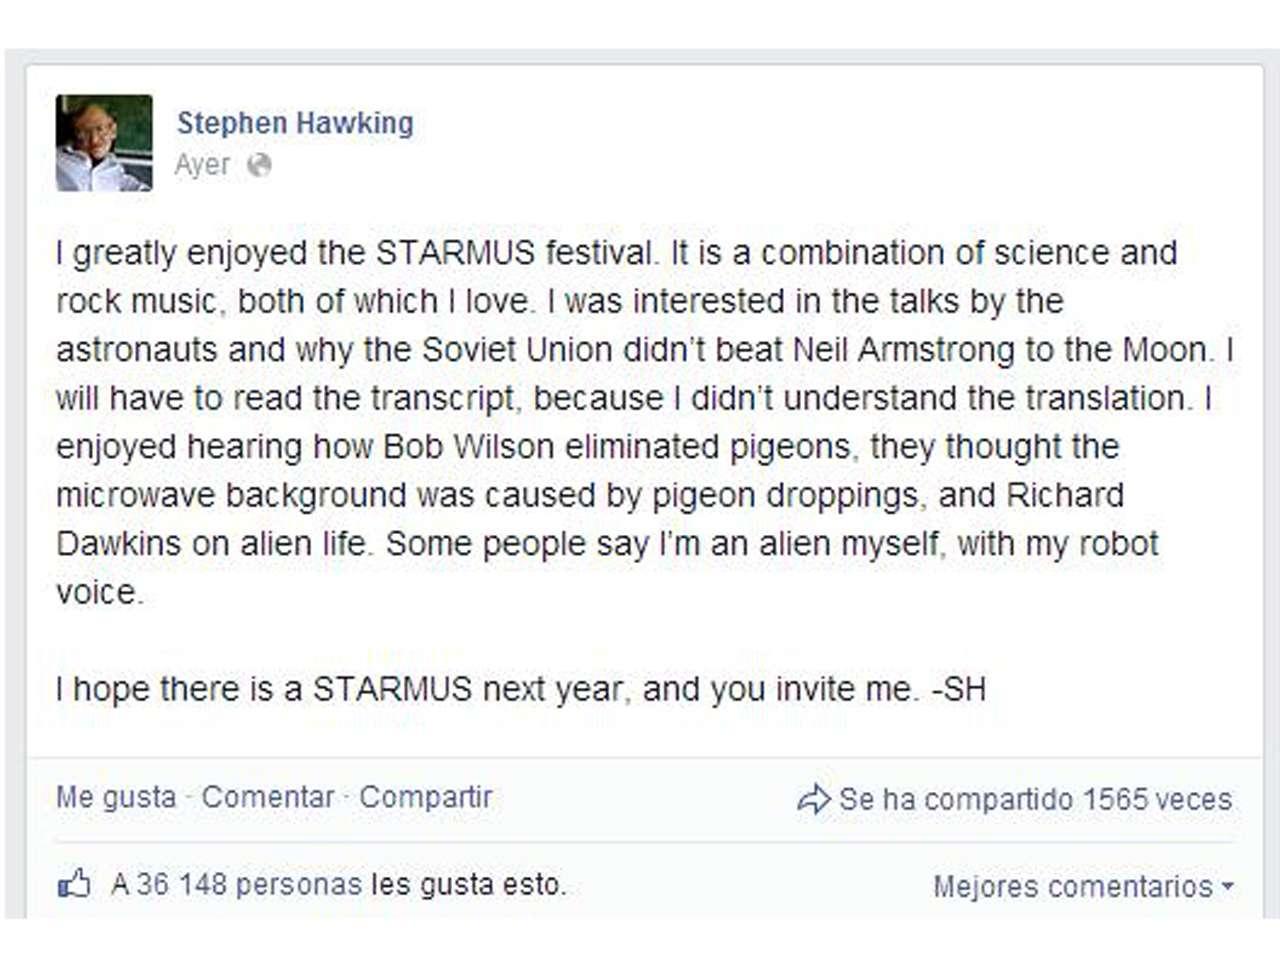 Hawking ya cuenta con más de un millón de amigos. Foto: Facebook/Stephen Hawking